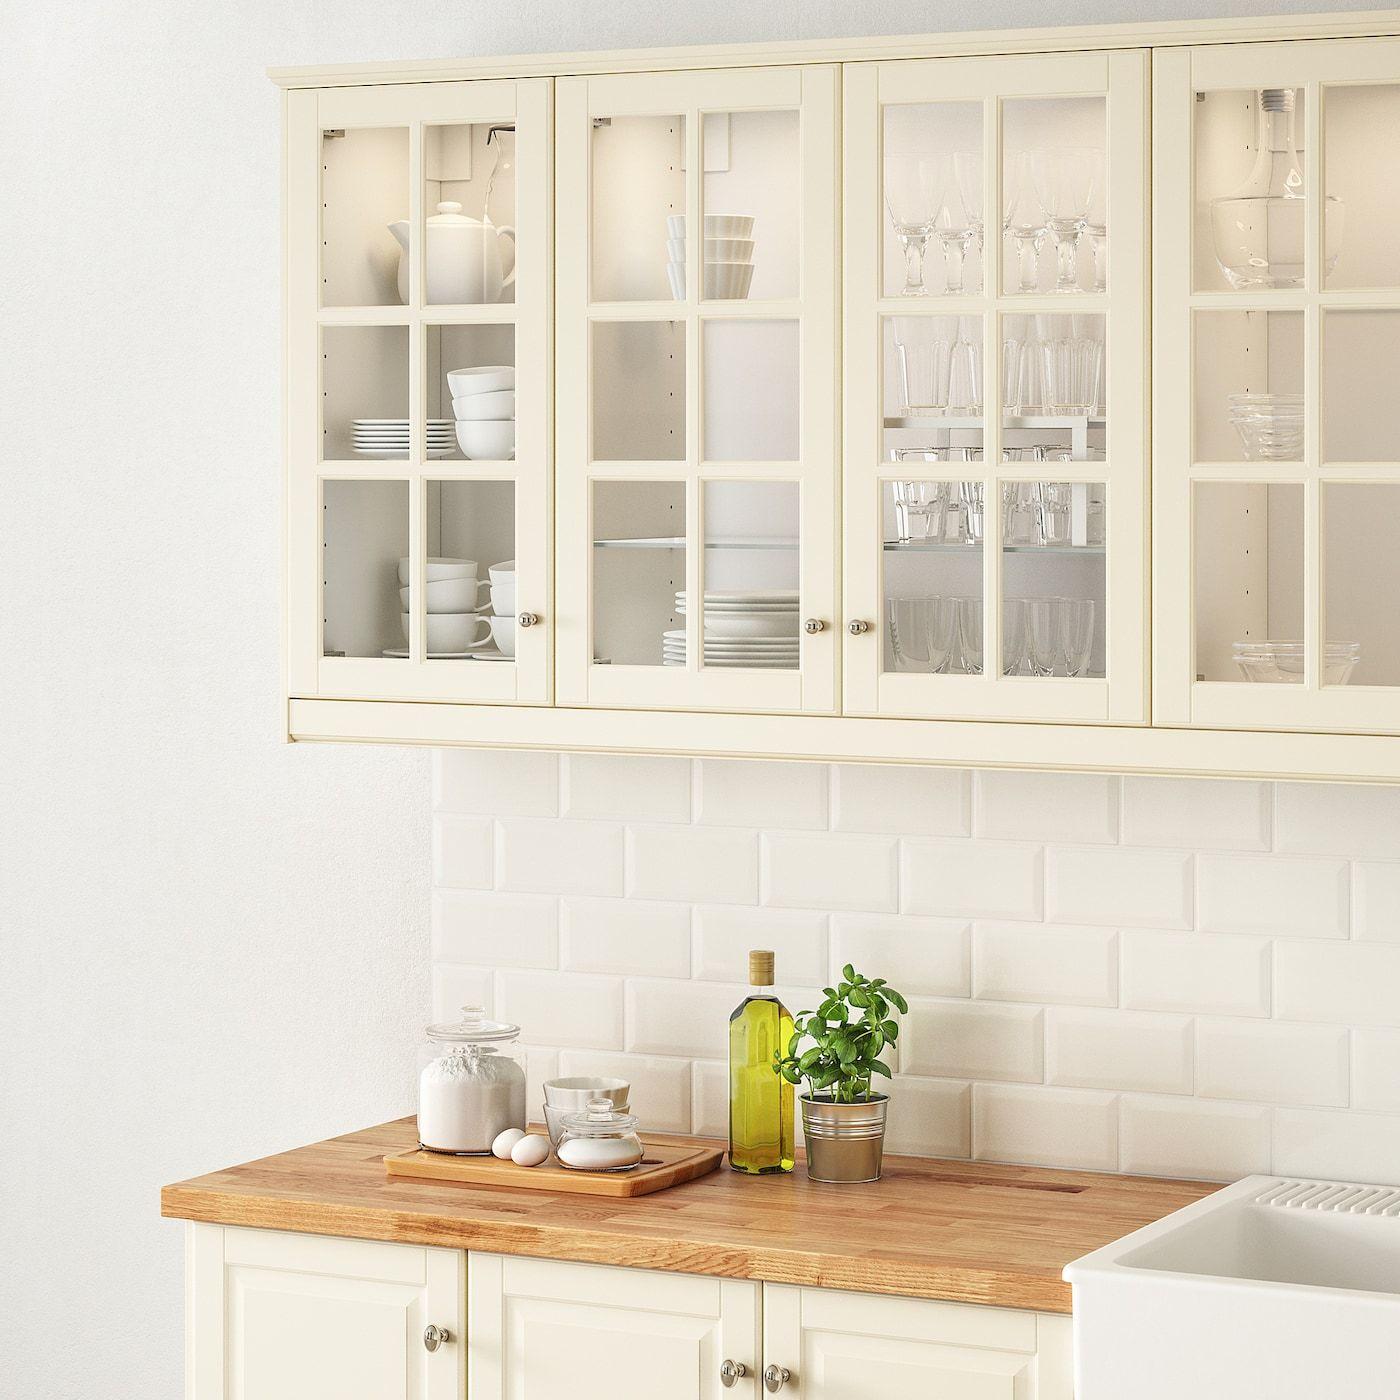 Bodbyn Vitrinentur Elfenbeinweiss Ikea Osterreich In 2020 Modern Kitchen Kitchen Design Kitchen Cabinet Doors